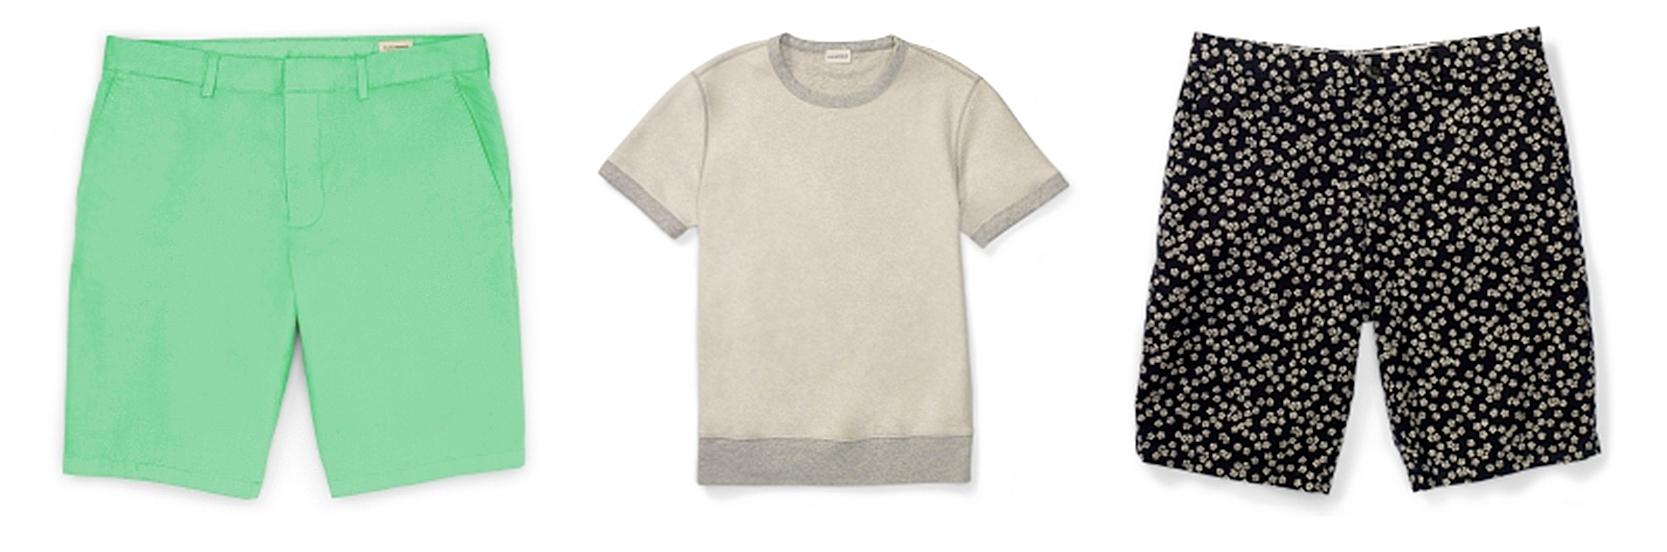 Shorts_tshirt_flower-shorts.jpg